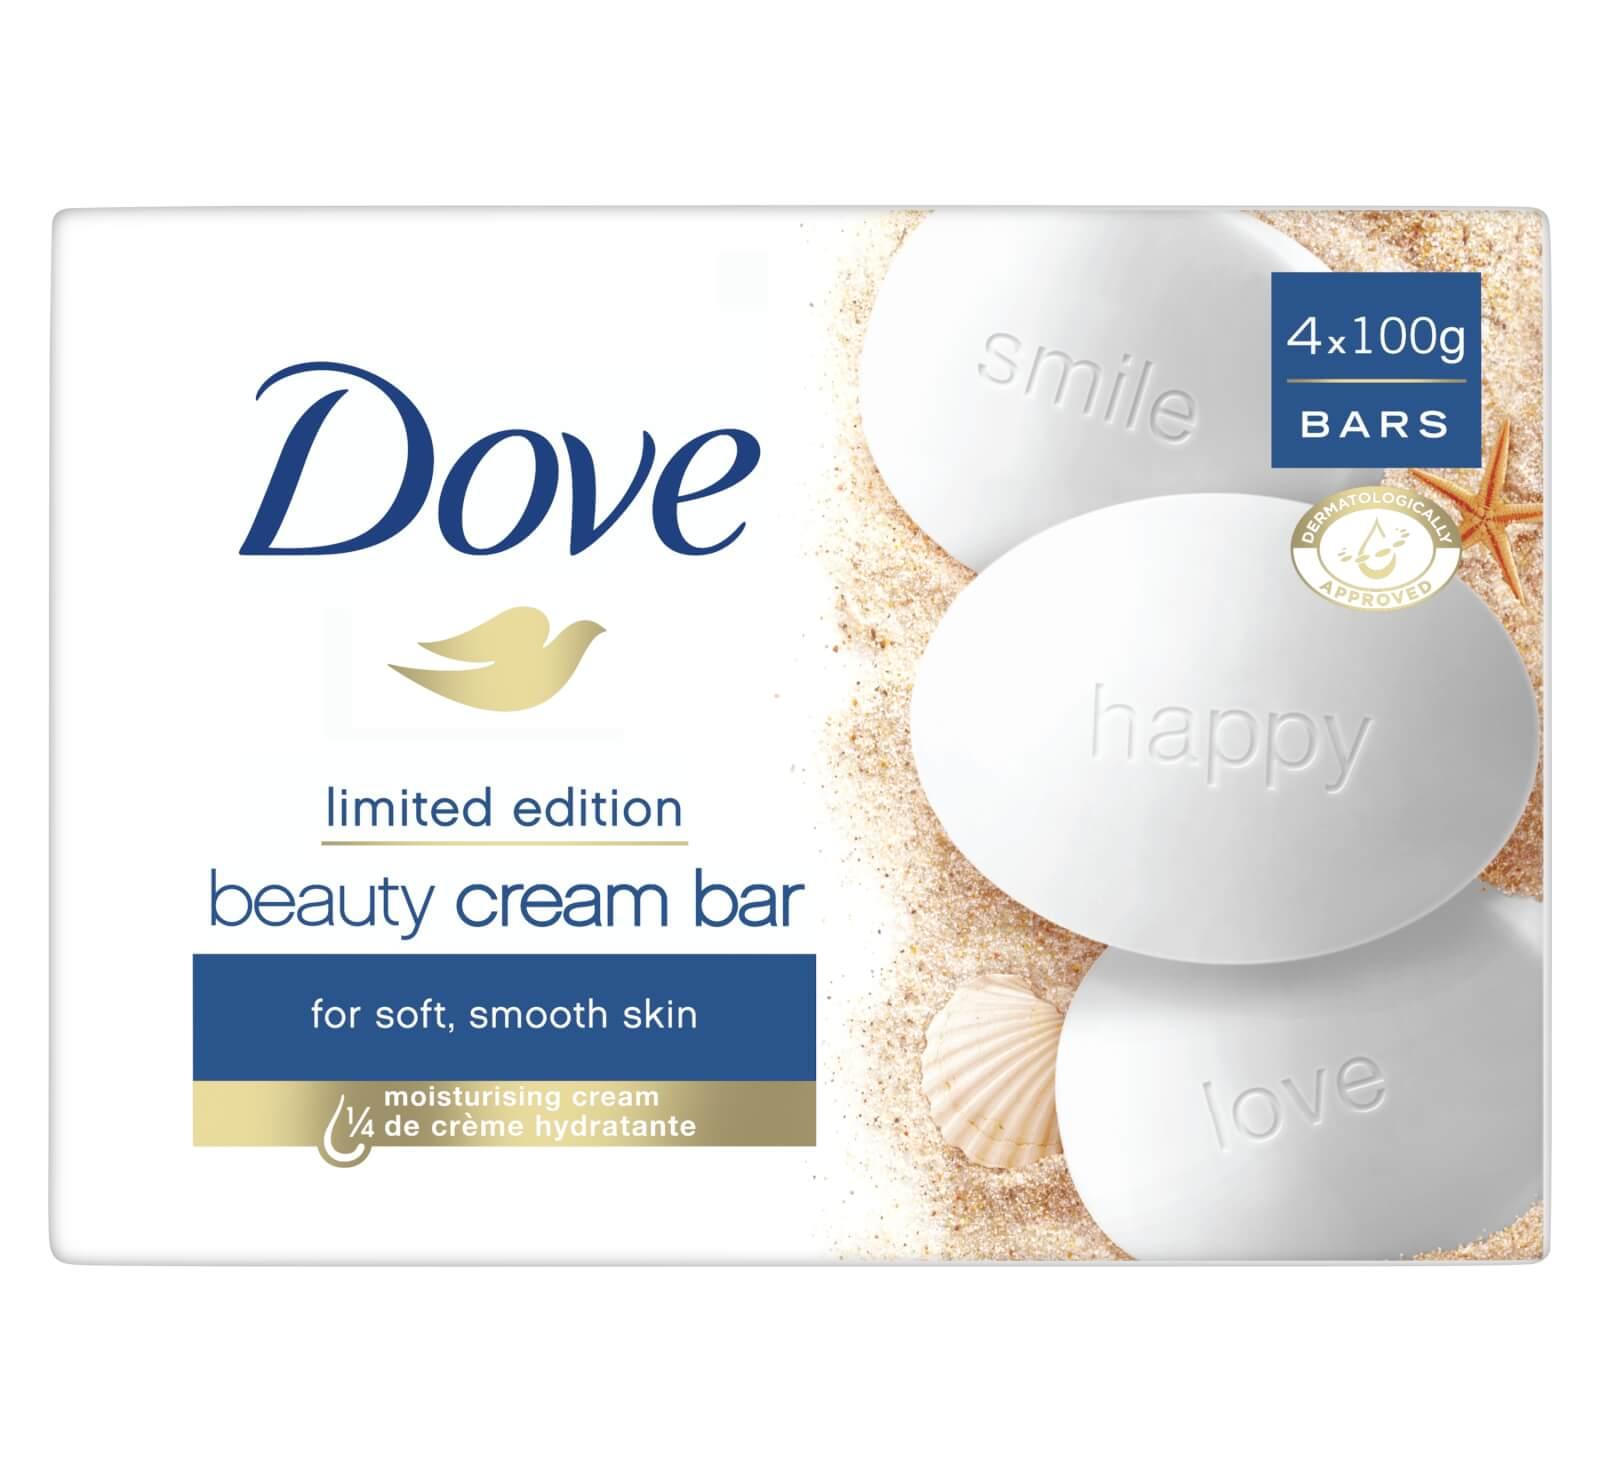 多芬 香皂 (4x100g)